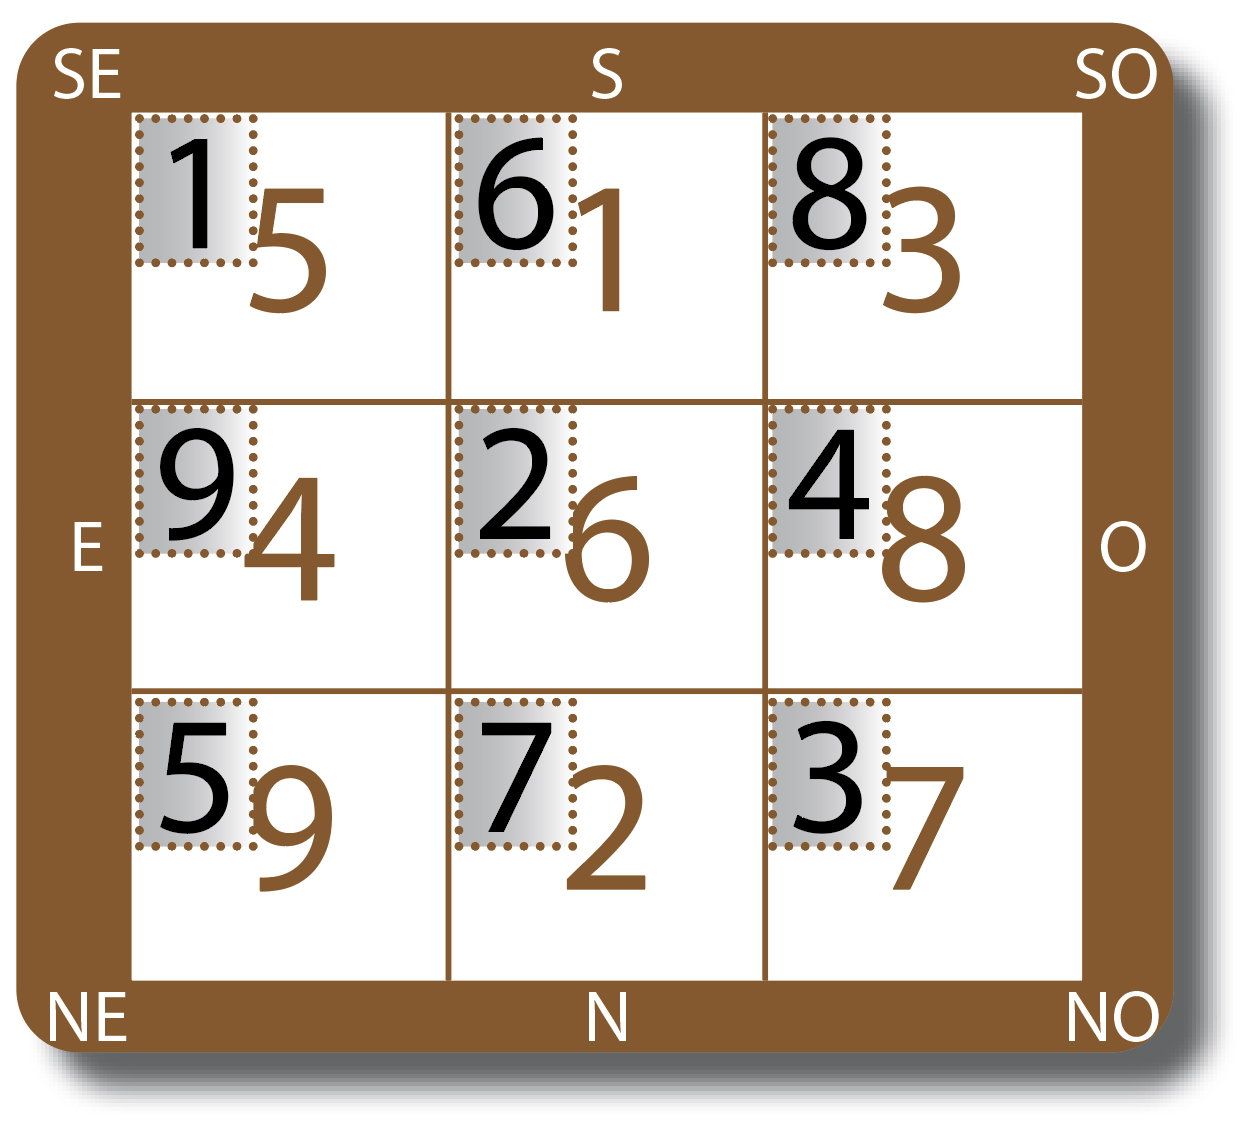 Étoiles volantes mensuelles – Mai 2021, mois du Serpent d'Eau – Gui Si 癸巳 (du 5 mai au 4 juin)